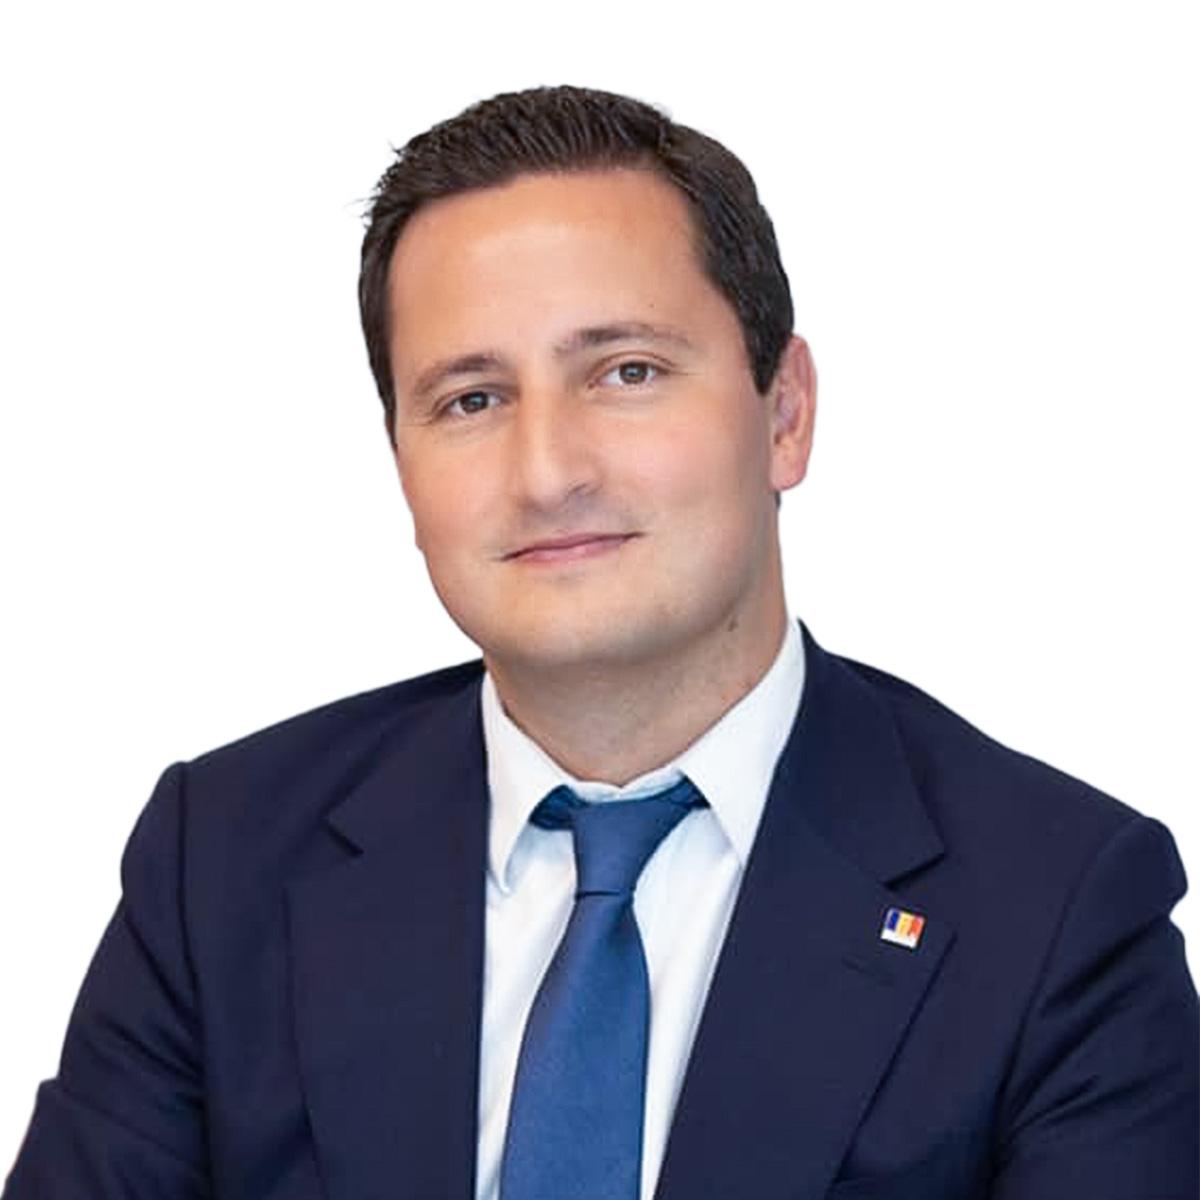 Nicolae Ştefănuţă